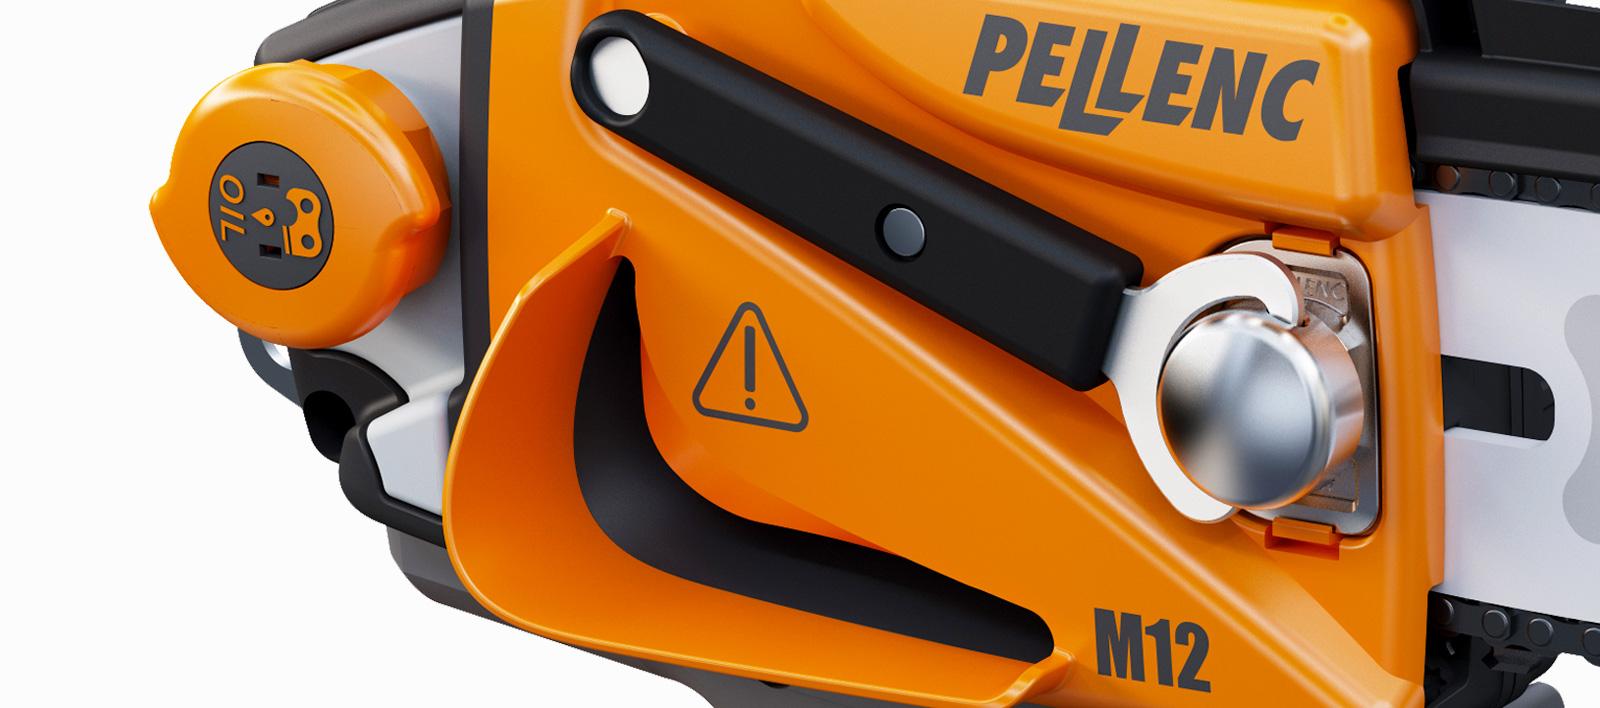 Selion-M12-cle-escamotable